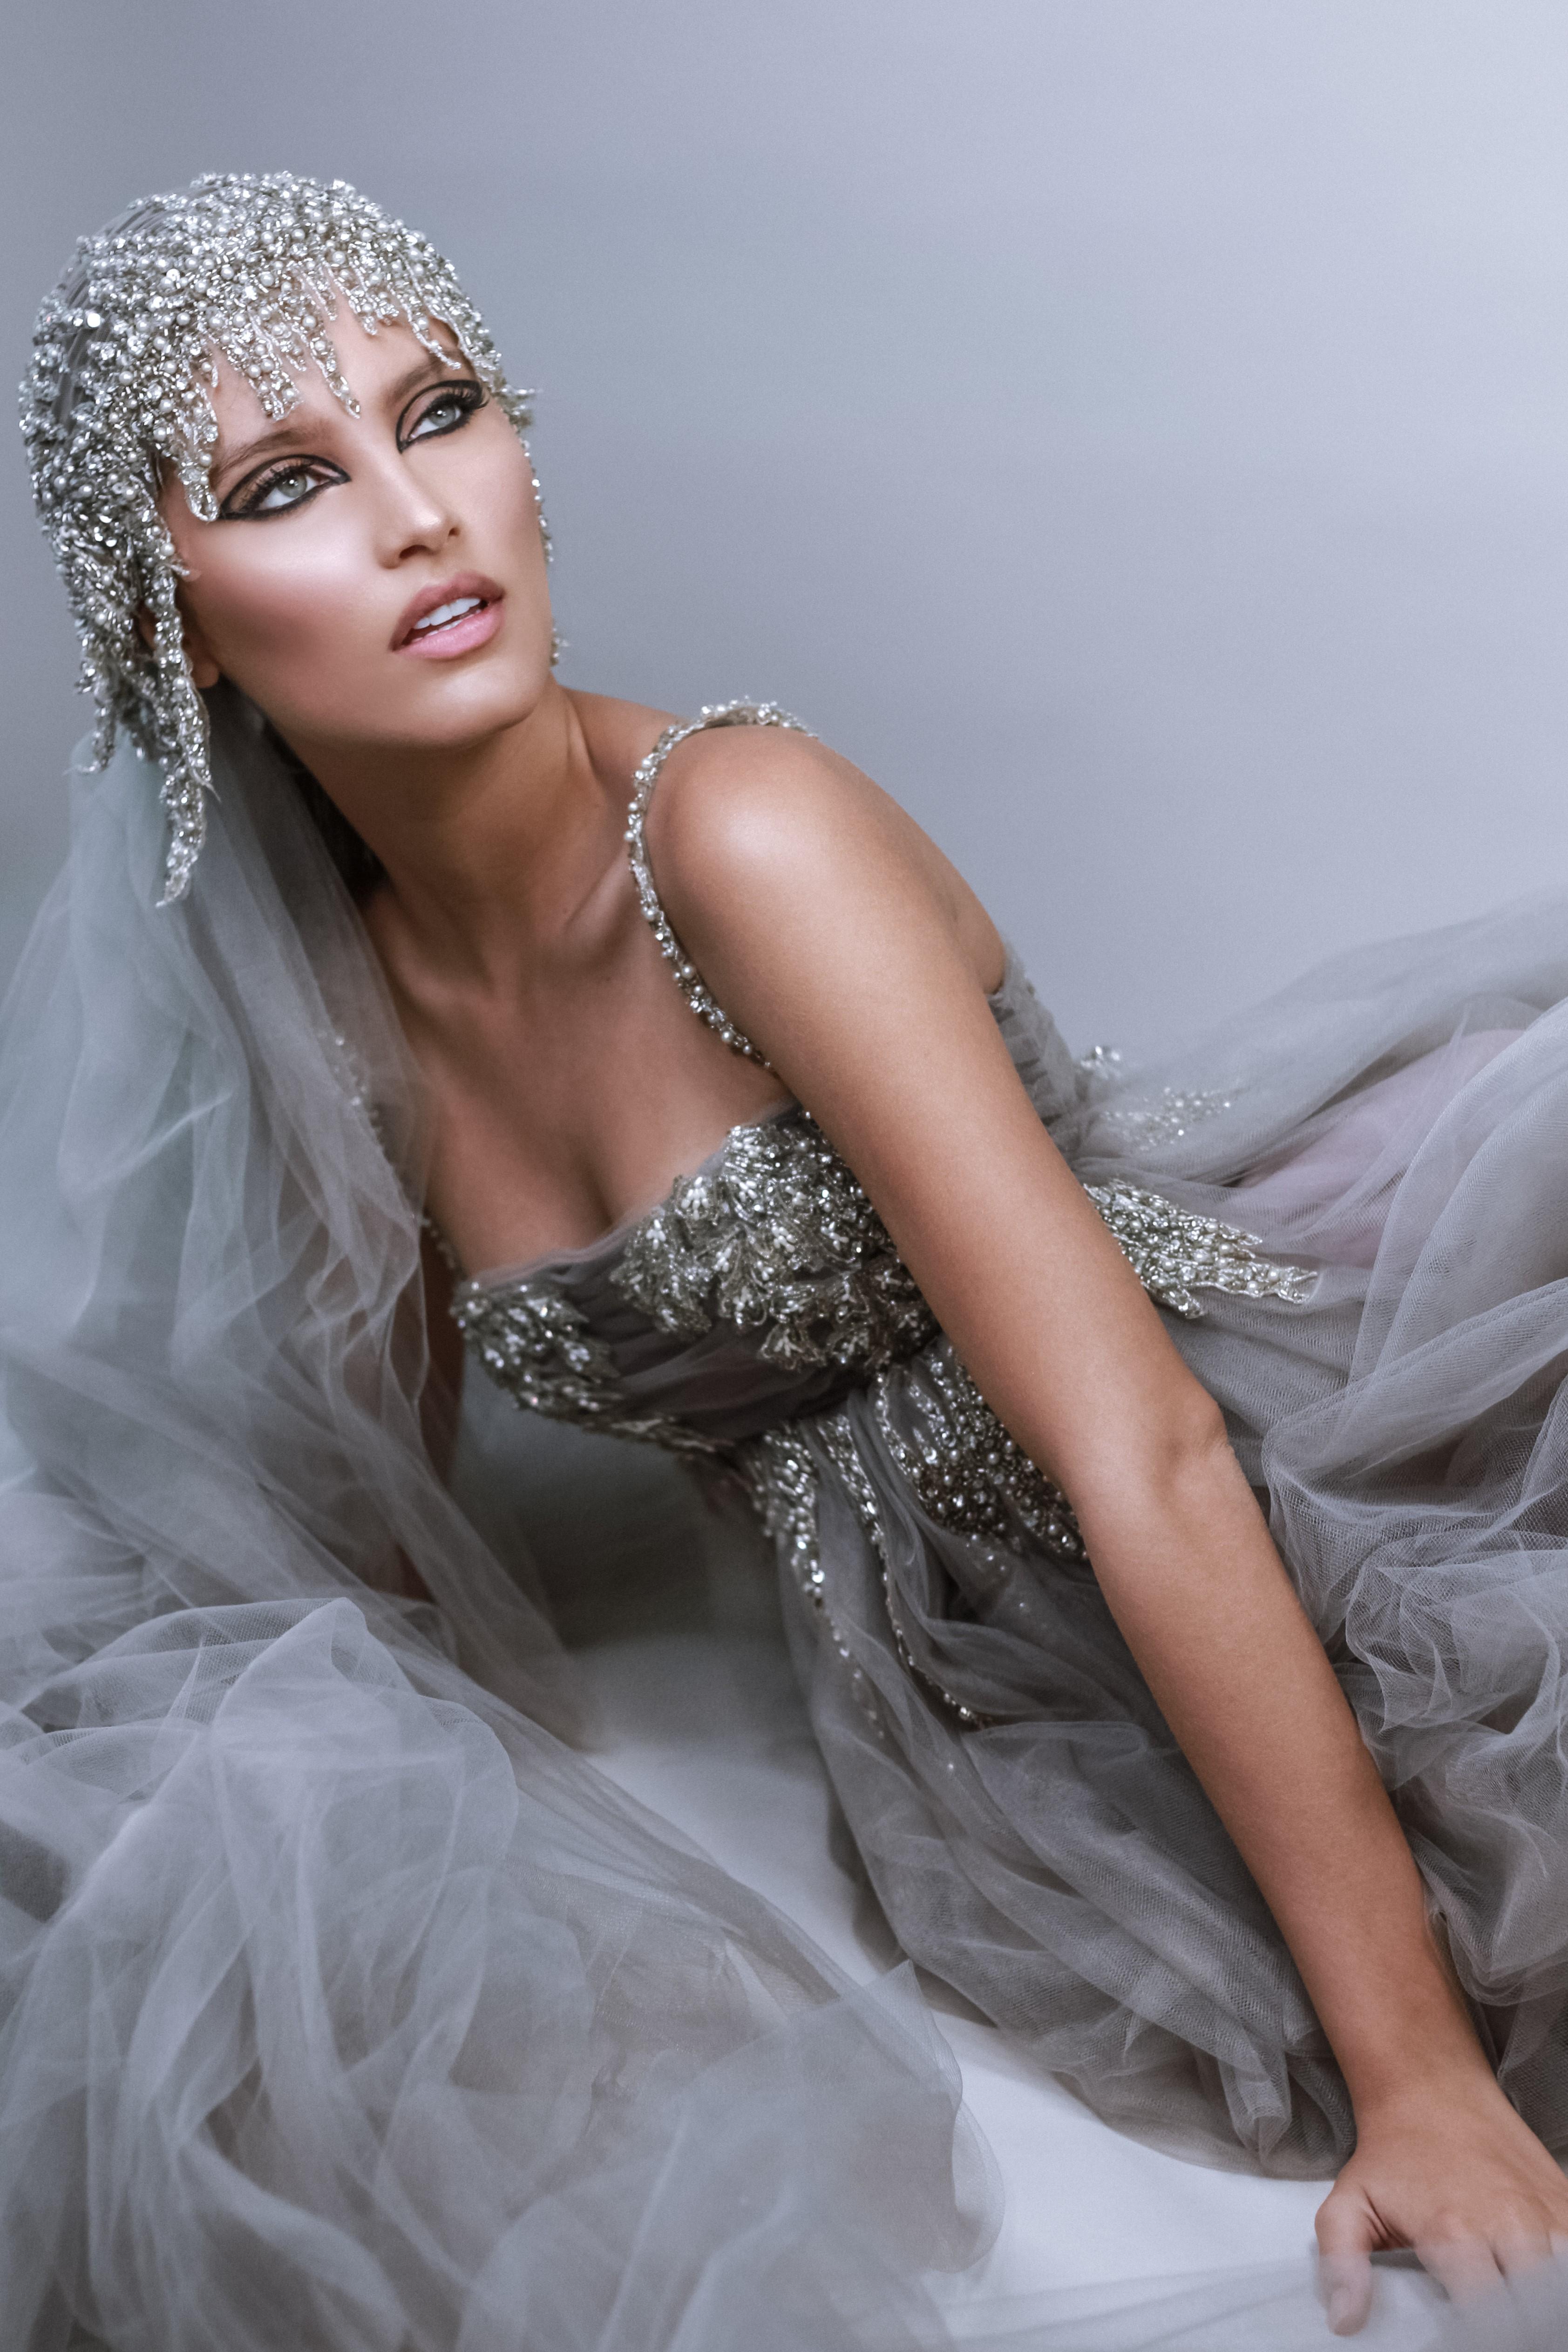 Krystal modela un vestido de Stella Nolasco. El maquillaje estuvo a cargo de Christopher Feliciano y la foto fue tomada por José Antonio Alameda. (Foto Suministrada)